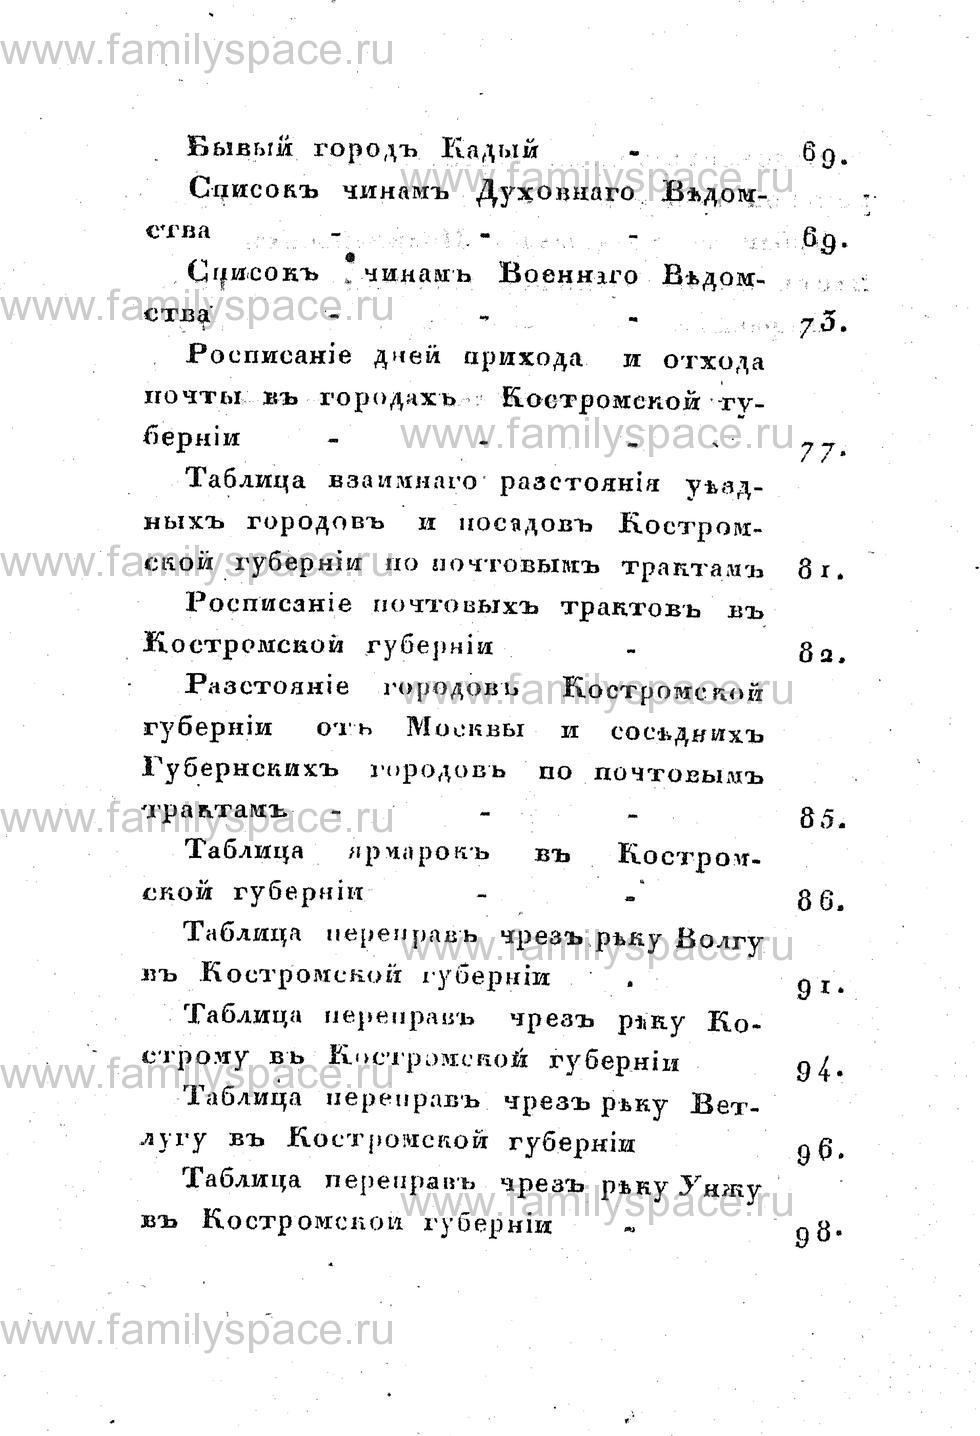 Поиск по фамилии - Памятная книжка Костромской губернии на 1853 год, страница 110